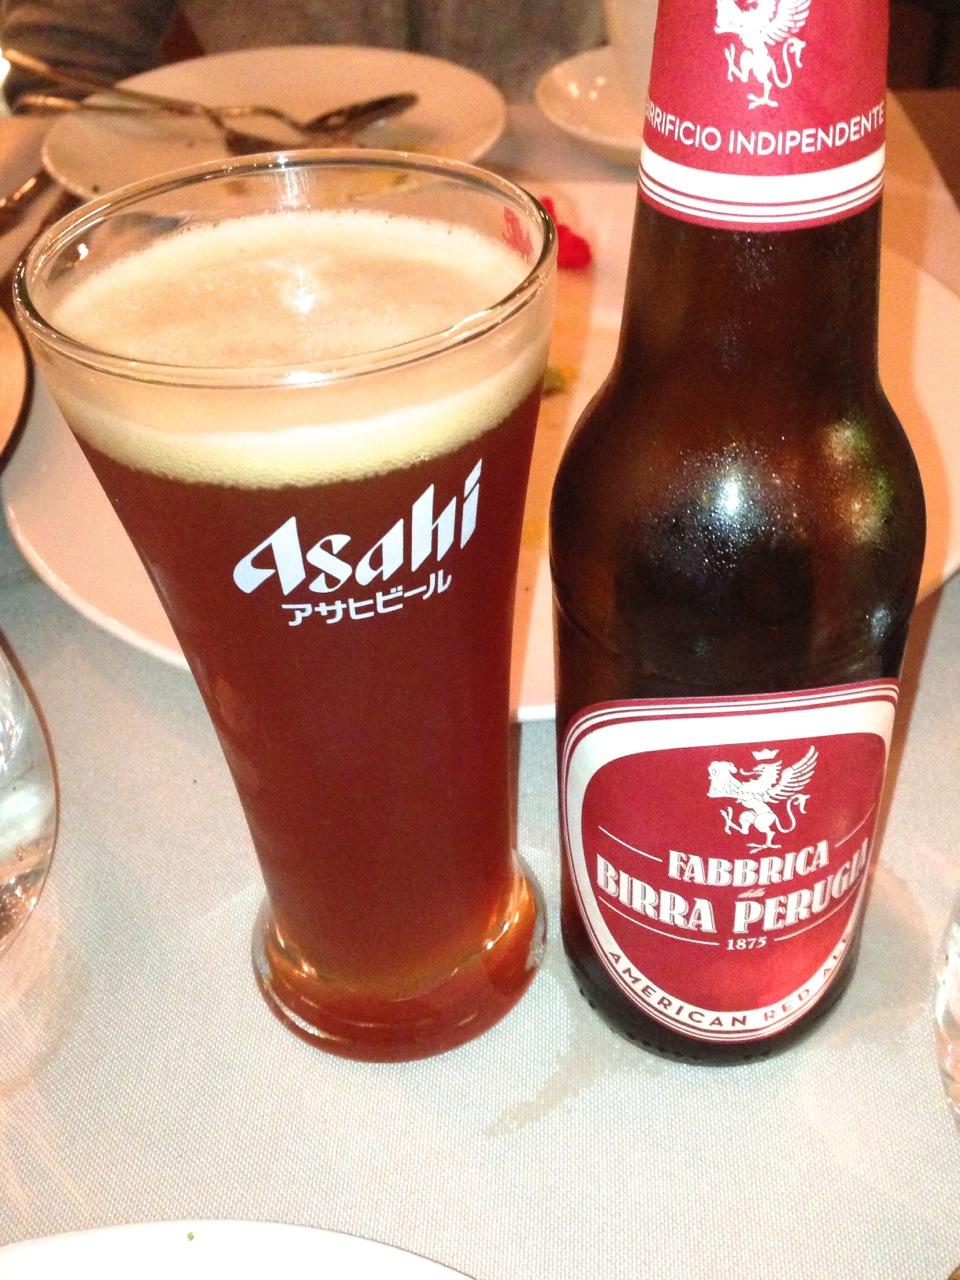 Perugia Red